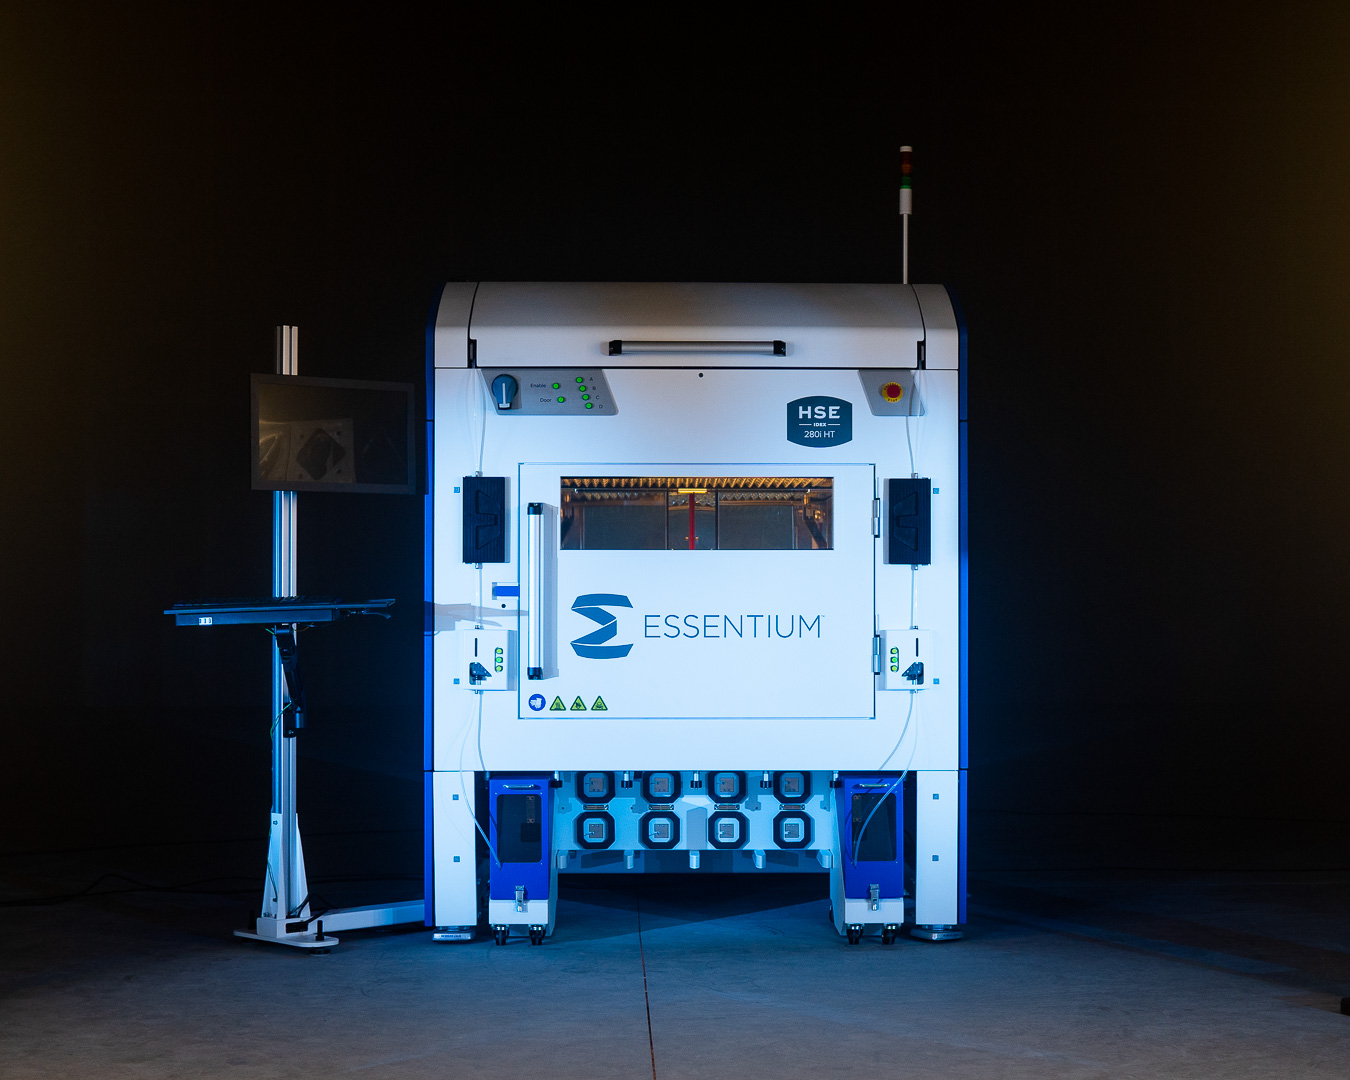 The Essentium HSE 280i HT IDEX 3D printer. Photo via Essentium.